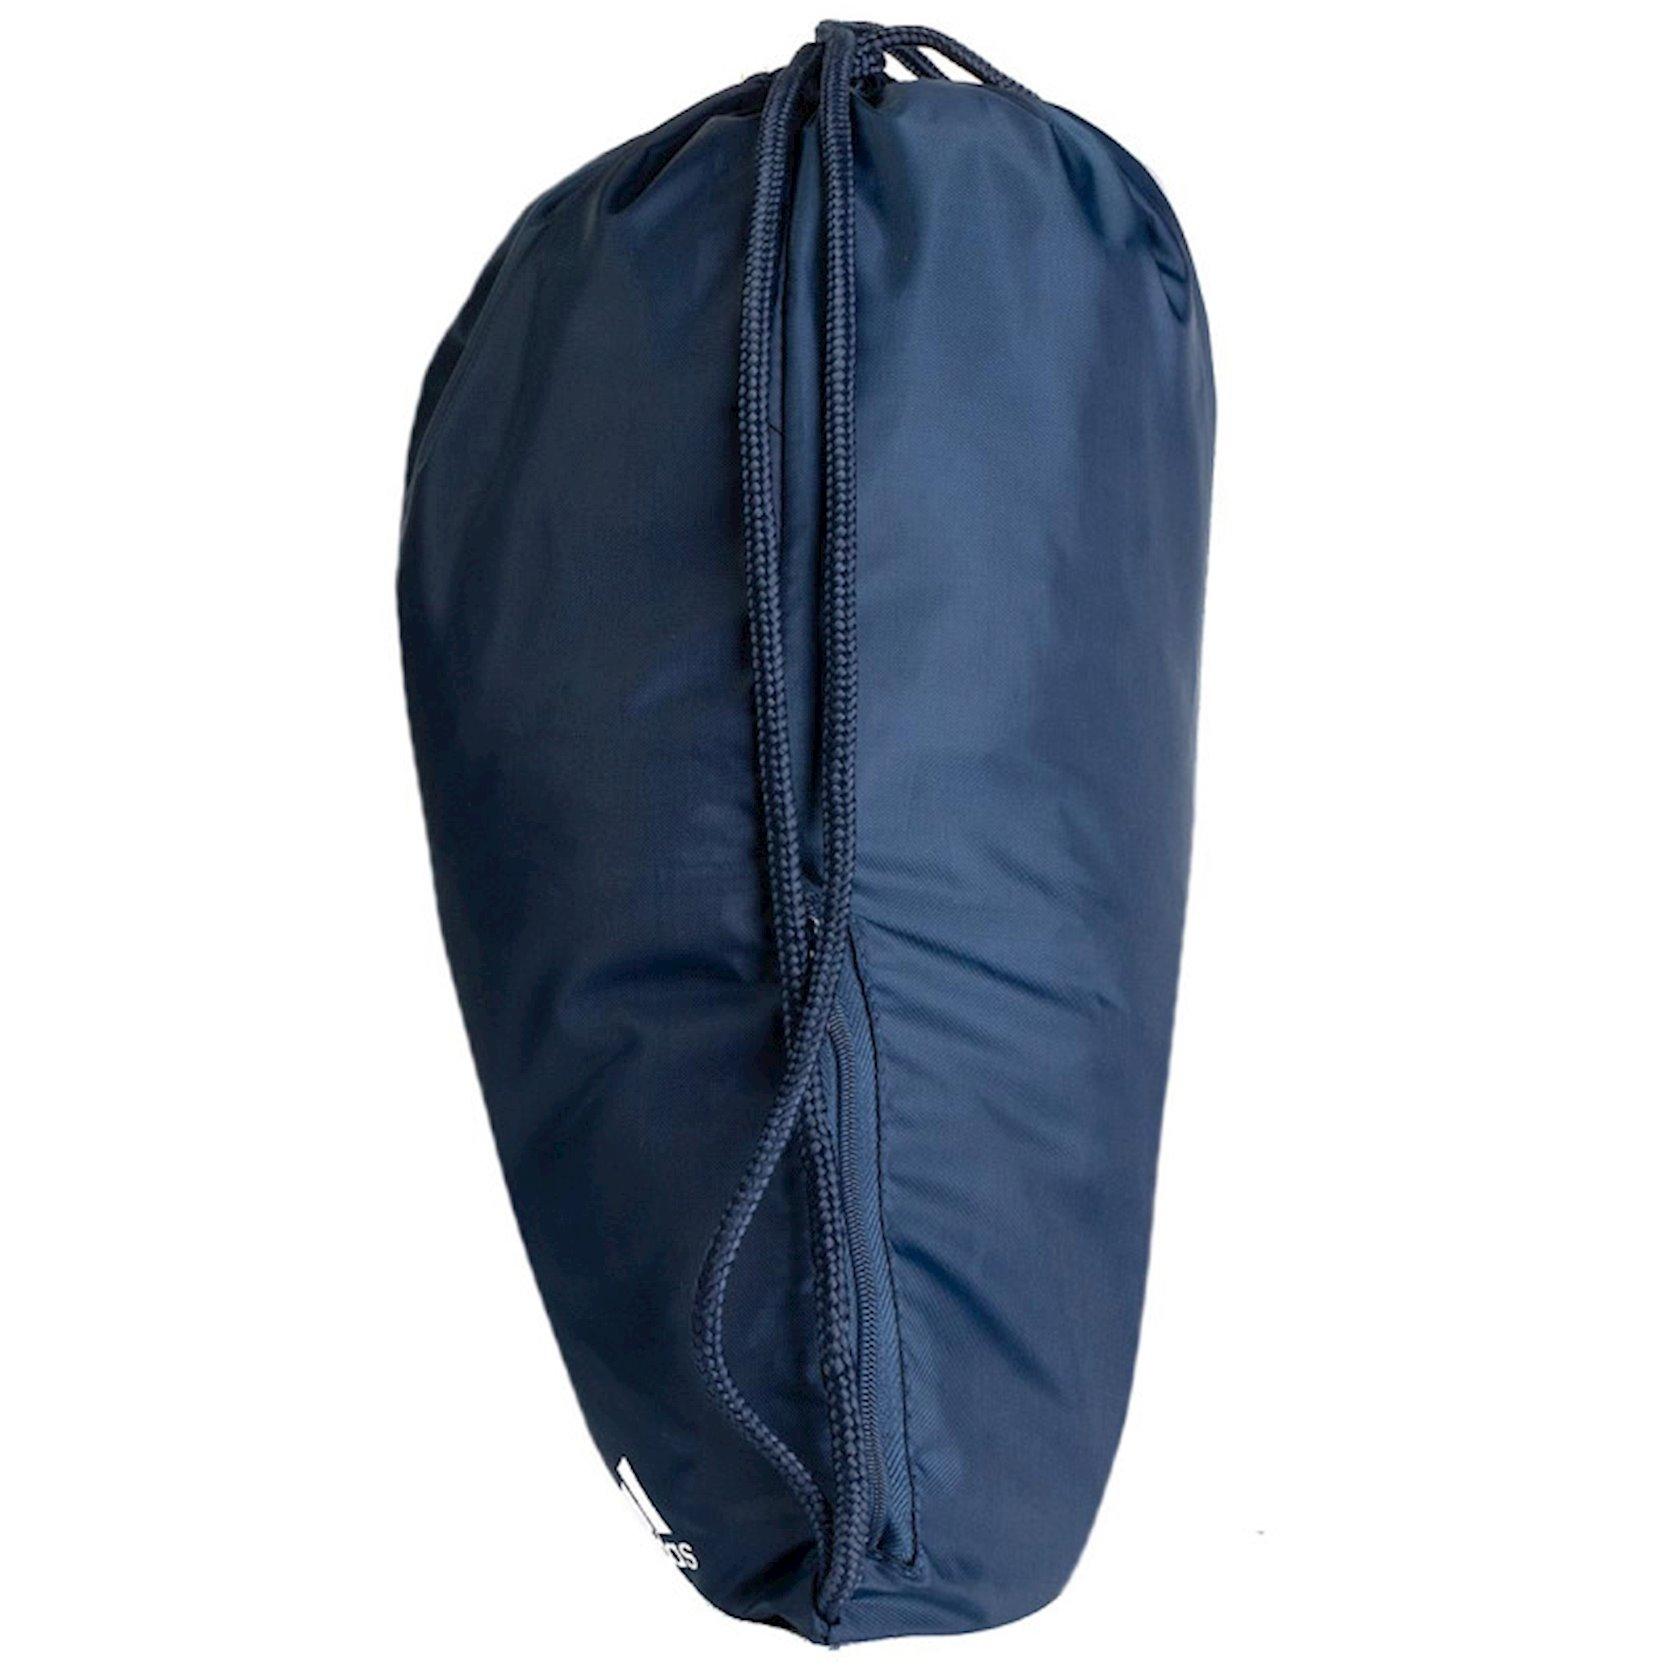 Ayaqqabılar üçün torba ADIDAS FC BAYERN MUNICH DY7526 GYMSACK, Uniseks, Polyester, Tünd göy